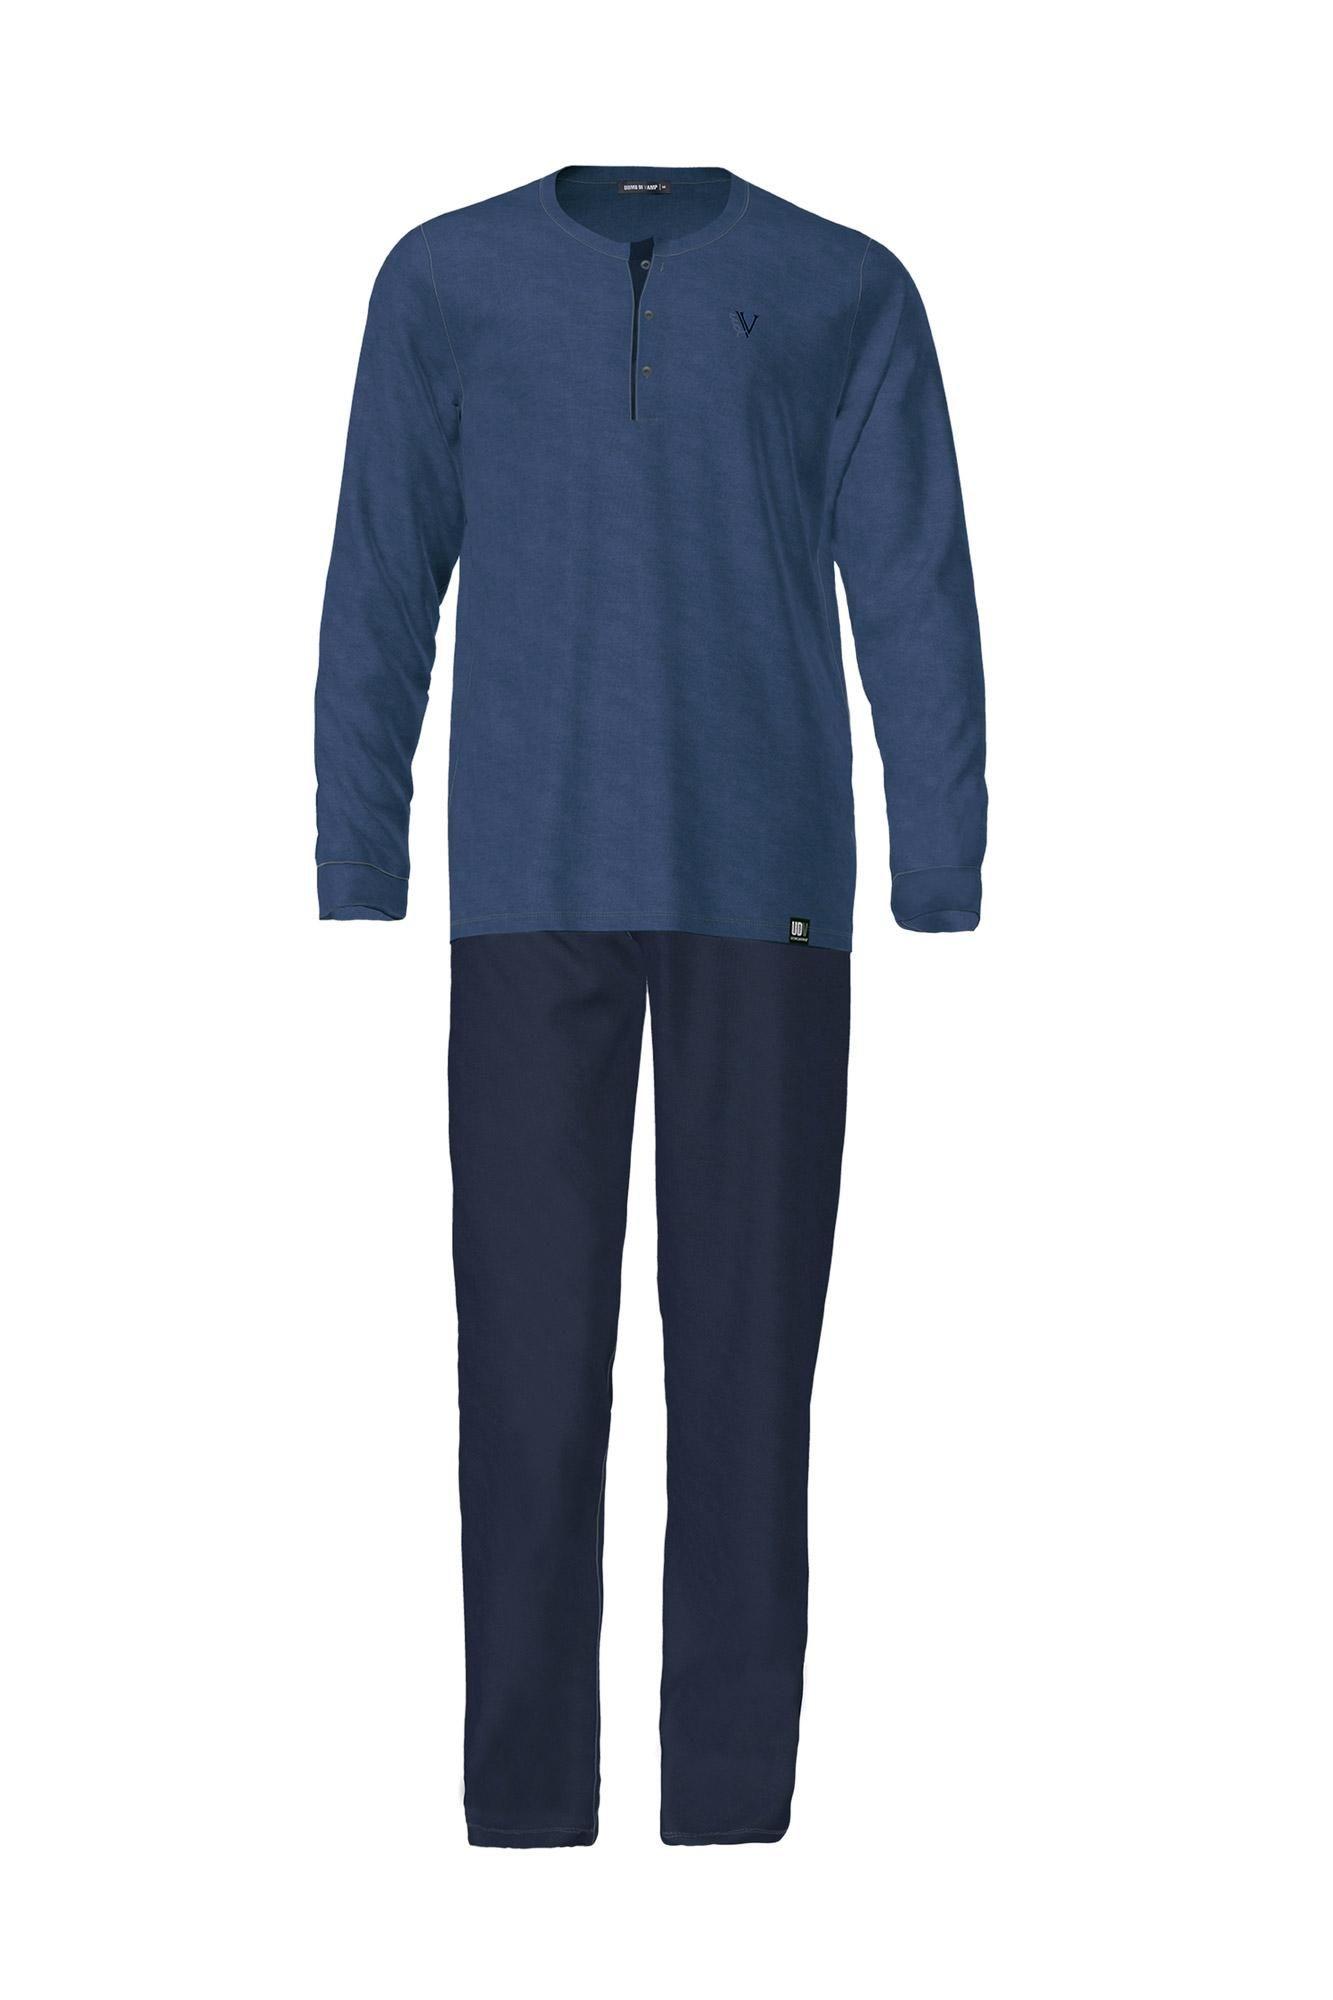 Men's Pyjamas with Button Placket Plus Size